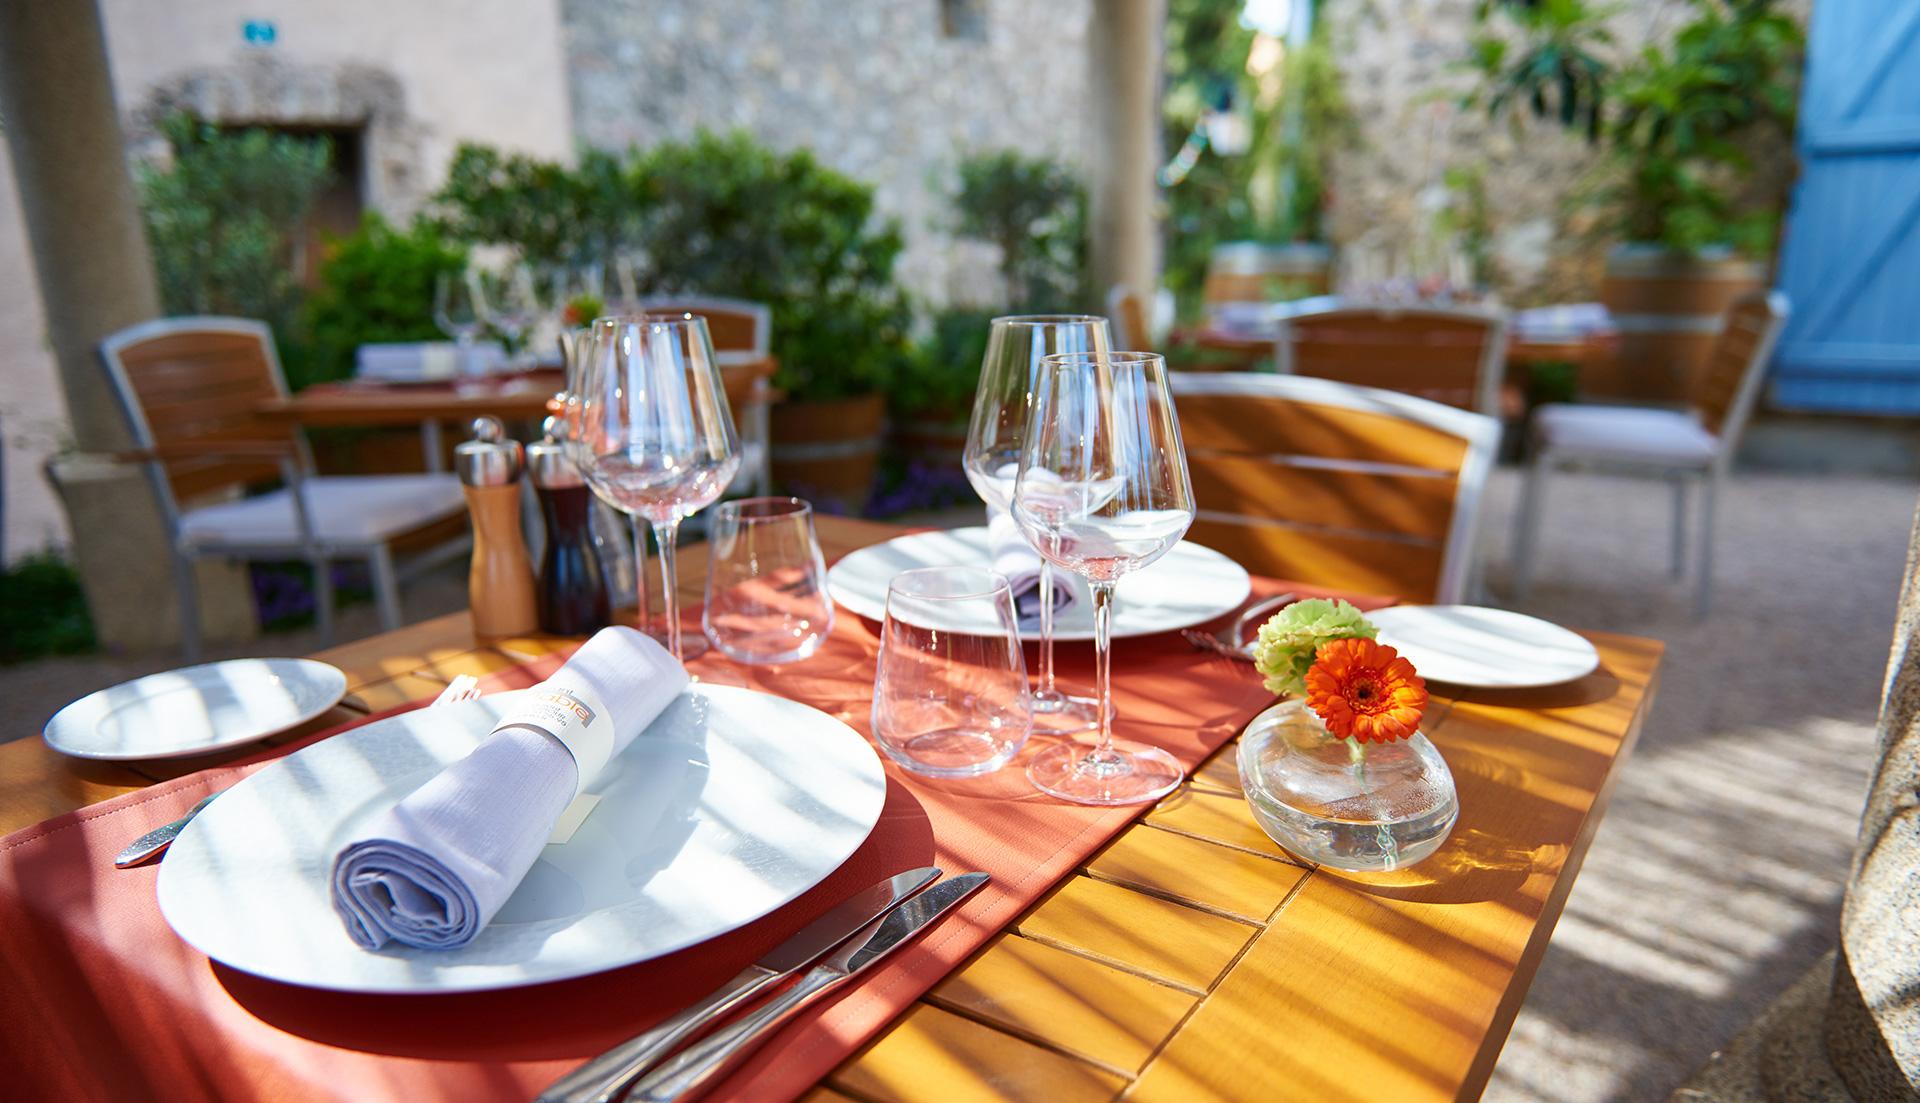 Restaurant la table tourtour au c ur du village de - La table tourtour ...